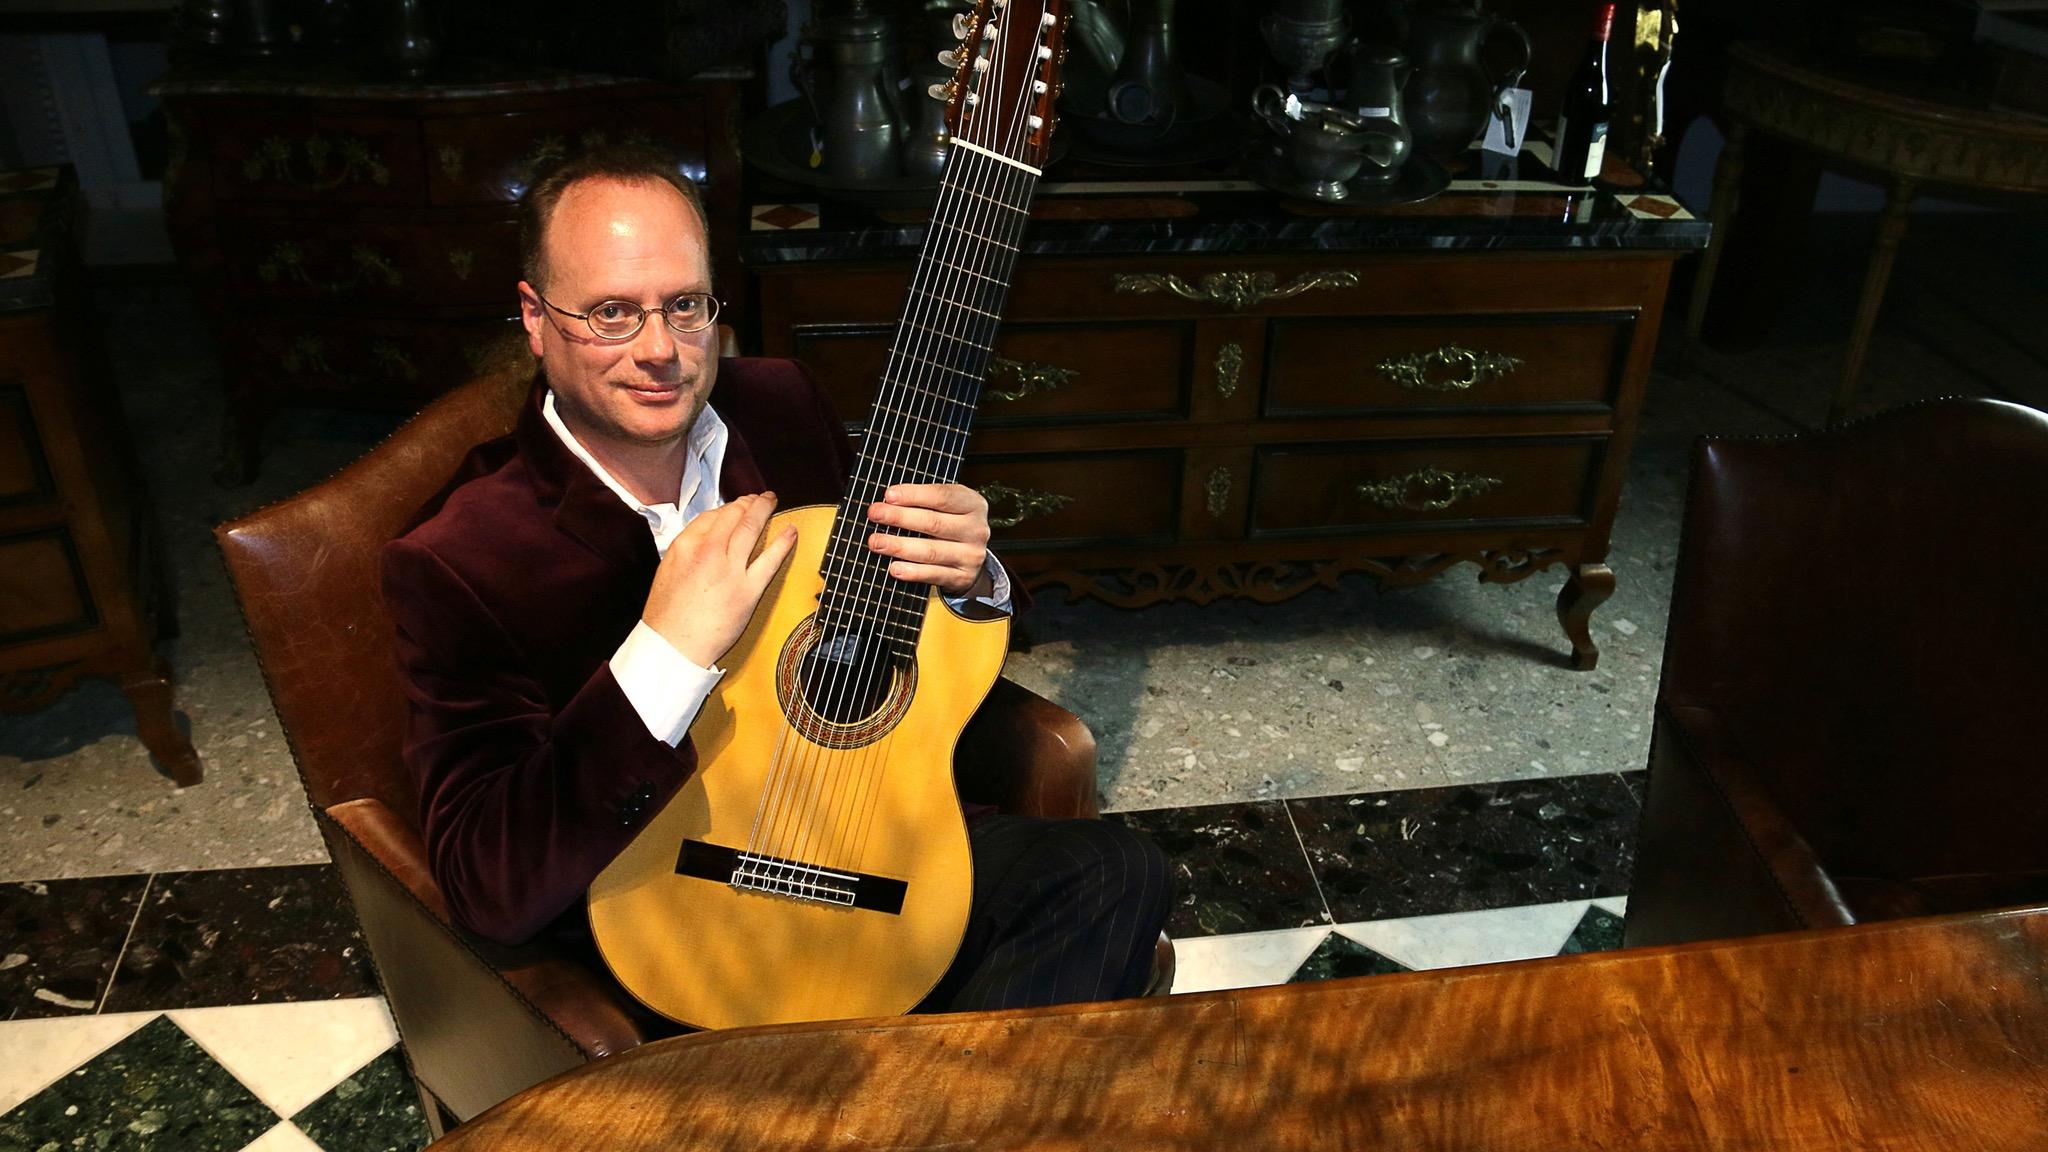 Matthew Fagan 10 String Guitarist